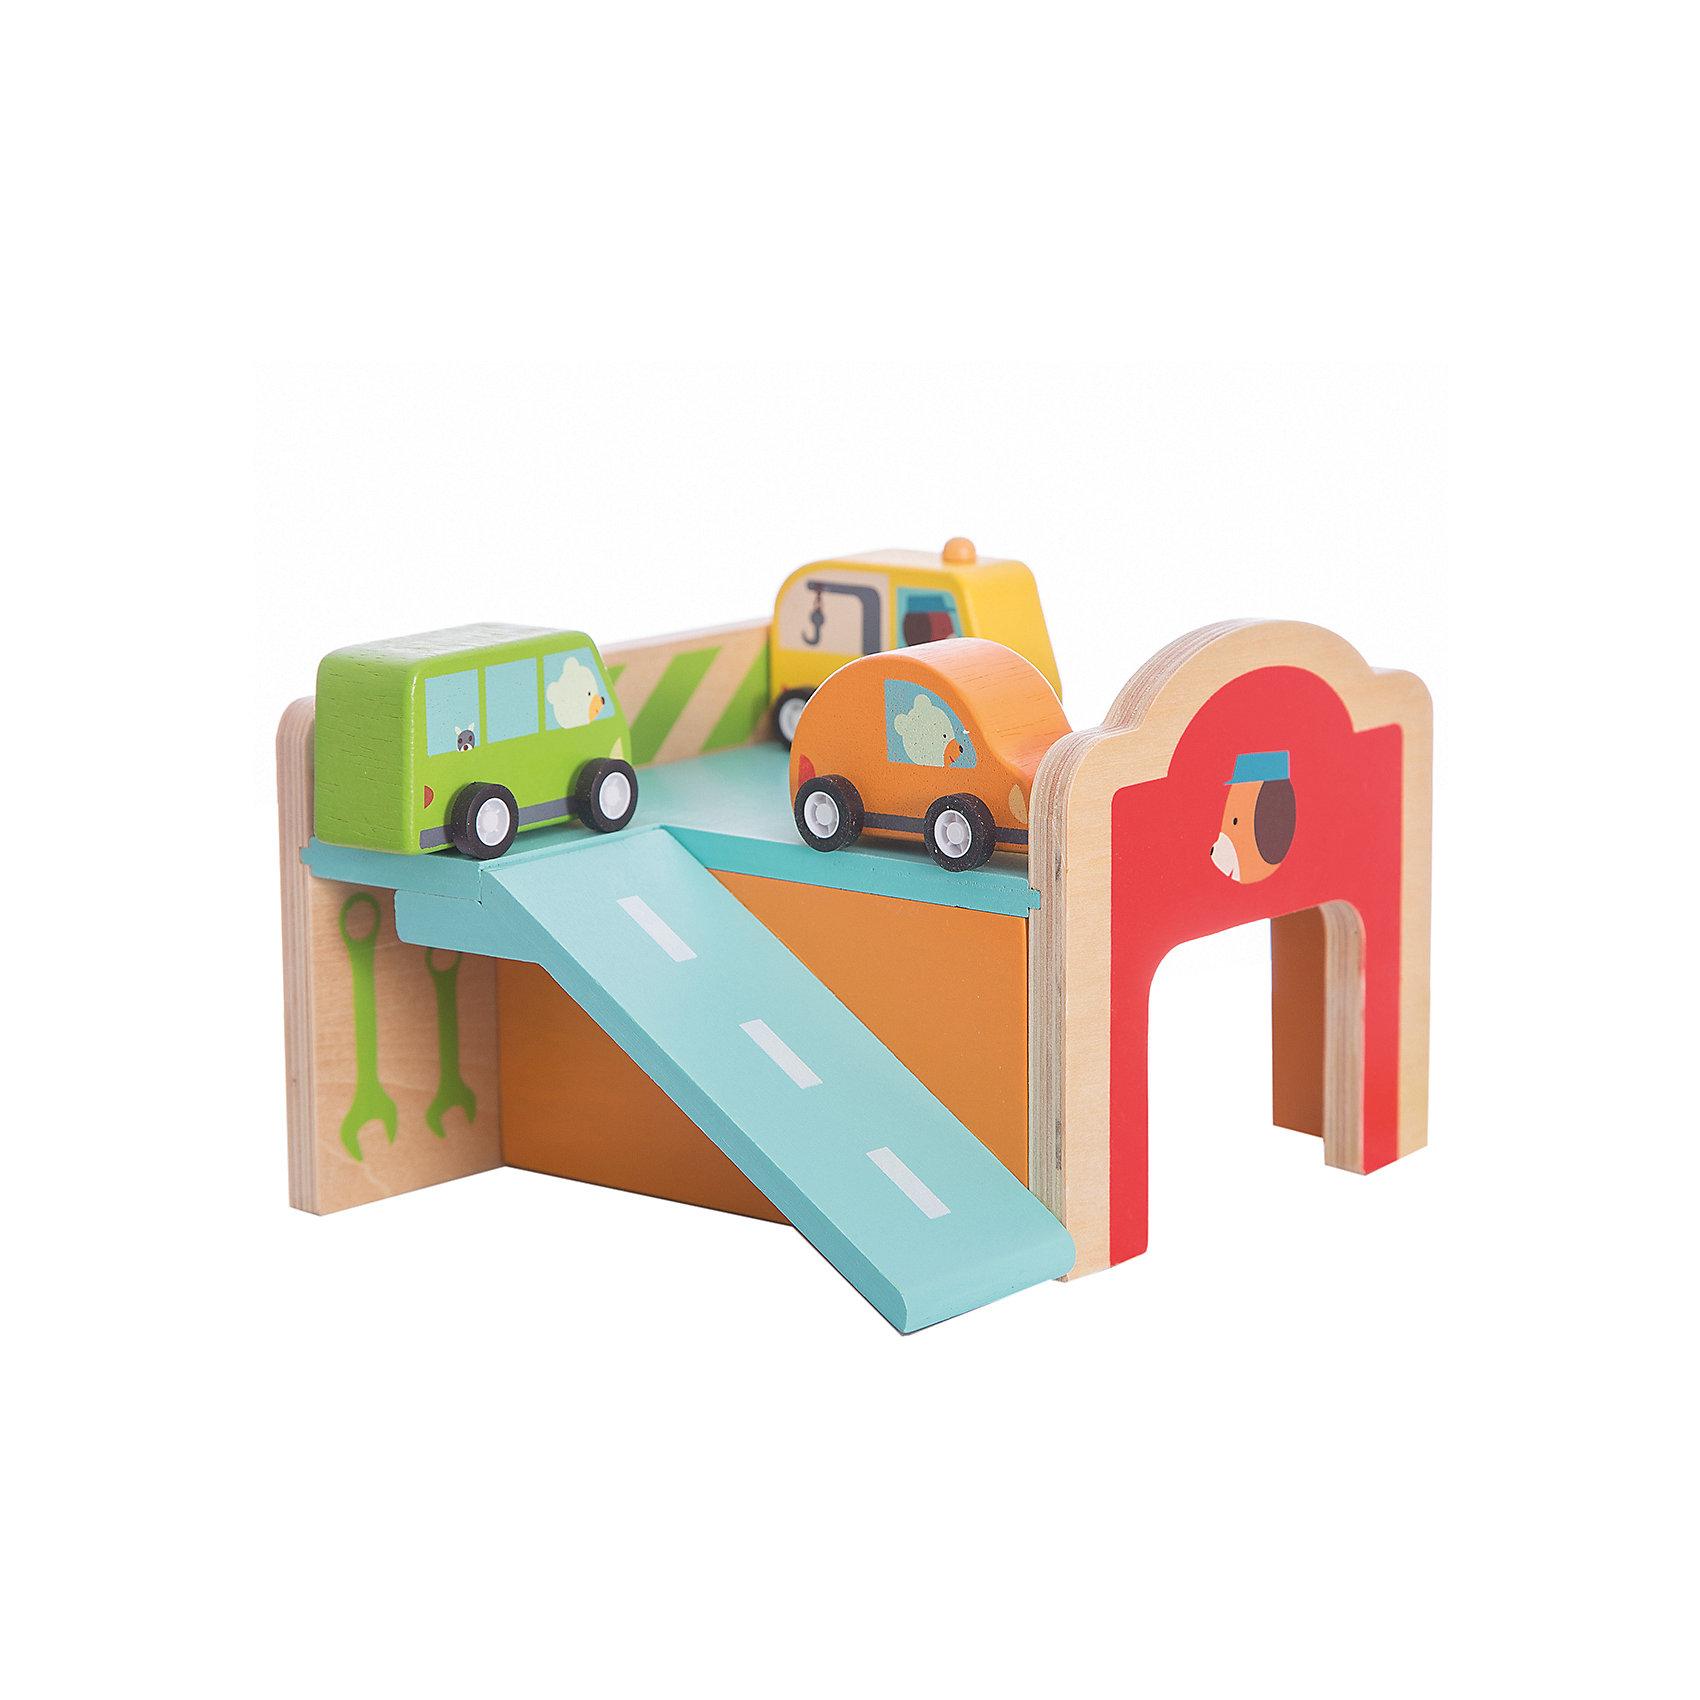 Конструктор Гараж , DJECOРазвивающие игры<br>Игрушечный деревянный конструктор Гараж - яркая и интересная игрушка, которая приведет в восторг каждого мальчишку. В наборе малыш найдет деревянный двухуровневый паркинг с гаражом, парковкой и горочкой-съездом. В комплекте также есть 3 ярких небольших машинки, оранжевая, зеленая и желтая, которые будет удобно катать по всем элементам паркинга. <br>Набор прекрасно развивает моторику маленьких рук, фантазию и воображение, дает понимание форм и объемов. Игрушка выполнена из натурального дерева, не имеет острых углов и мелких деталей, раскрашена экологически чистыми красками на водной основе. Безопасна для детей. <br><br>Дополнительная информация:<br><br>- Материал: дерево.<br>- Размер игрушки: 50х31х20 см.<br>- Комплектация: 21 деталь, инструкция.<br><br>Конструктор Гараж , DJECO (Джеко), можно купить в нашем магазине.<br><br>Ширина мм: 170<br>Глубина мм: 115<br>Высота мм: 150<br>Вес г: 600<br>Возраст от месяцев: 18<br>Возраст до месяцев: 48<br>Пол: Унисекс<br>Возраст: Детский<br>SKU: 4051892